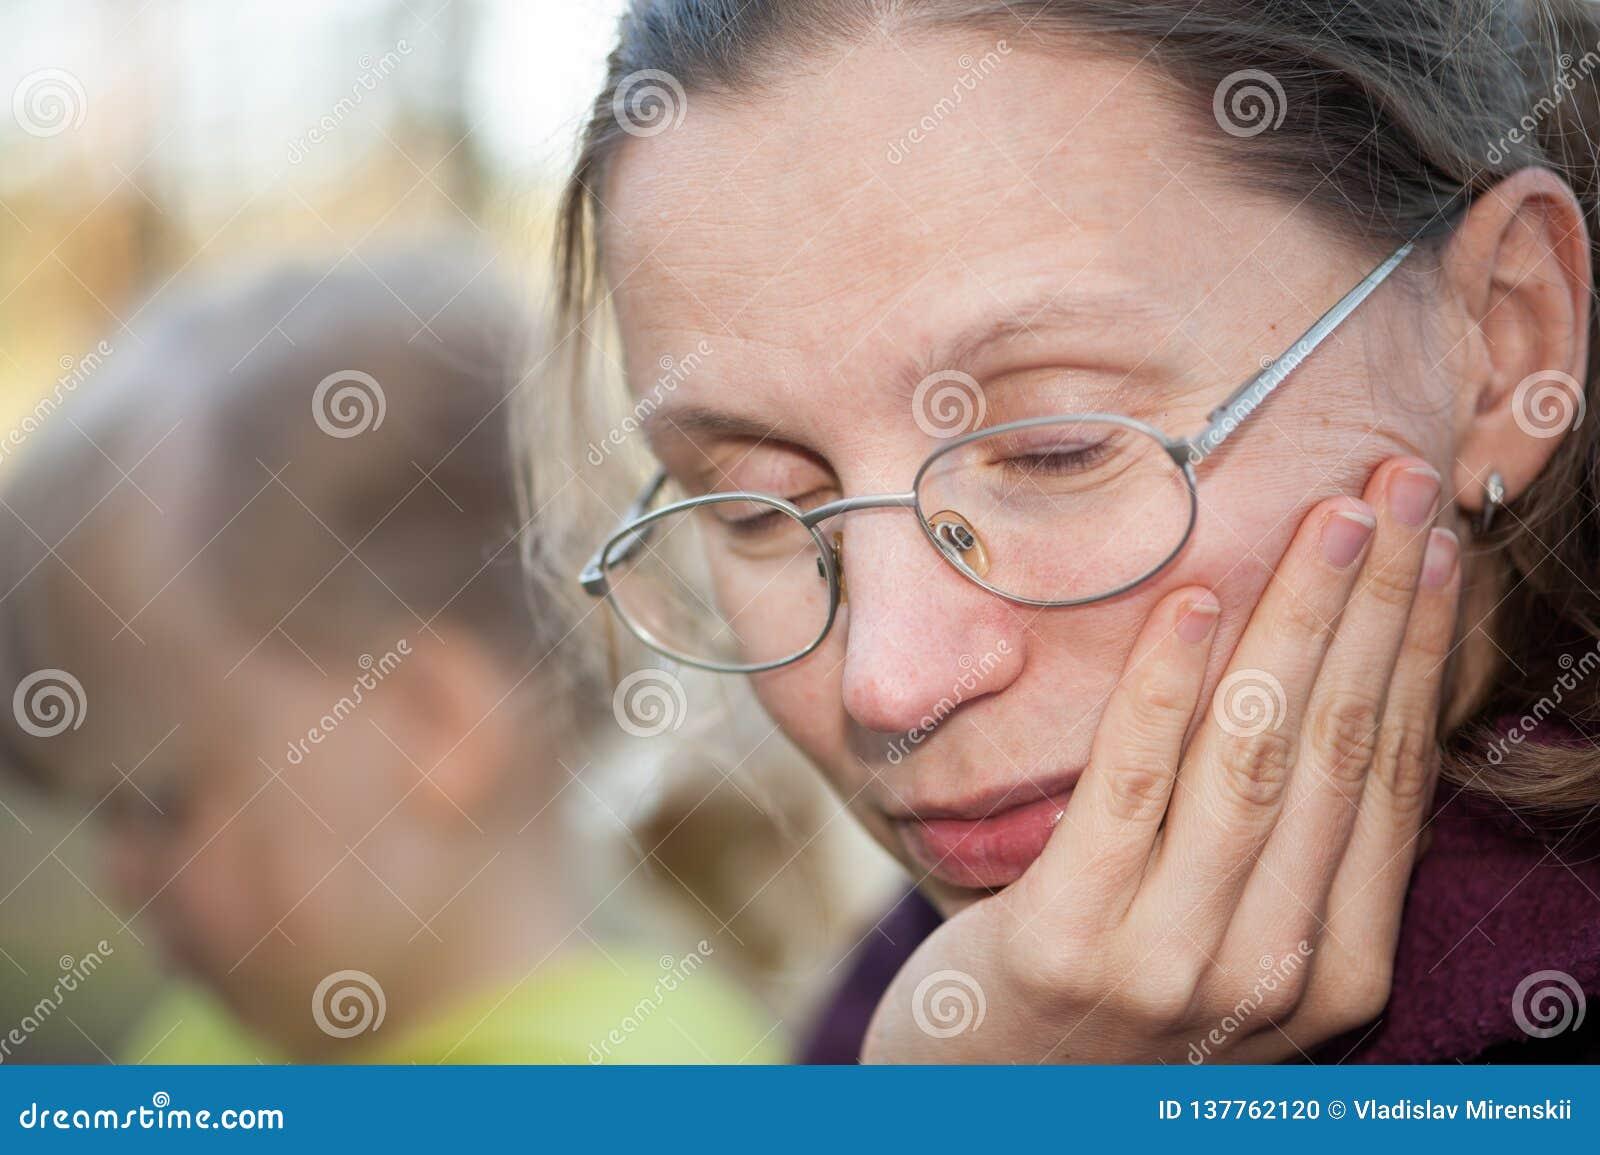 疲乏的母亲打盹的坐在她的女儿旁边